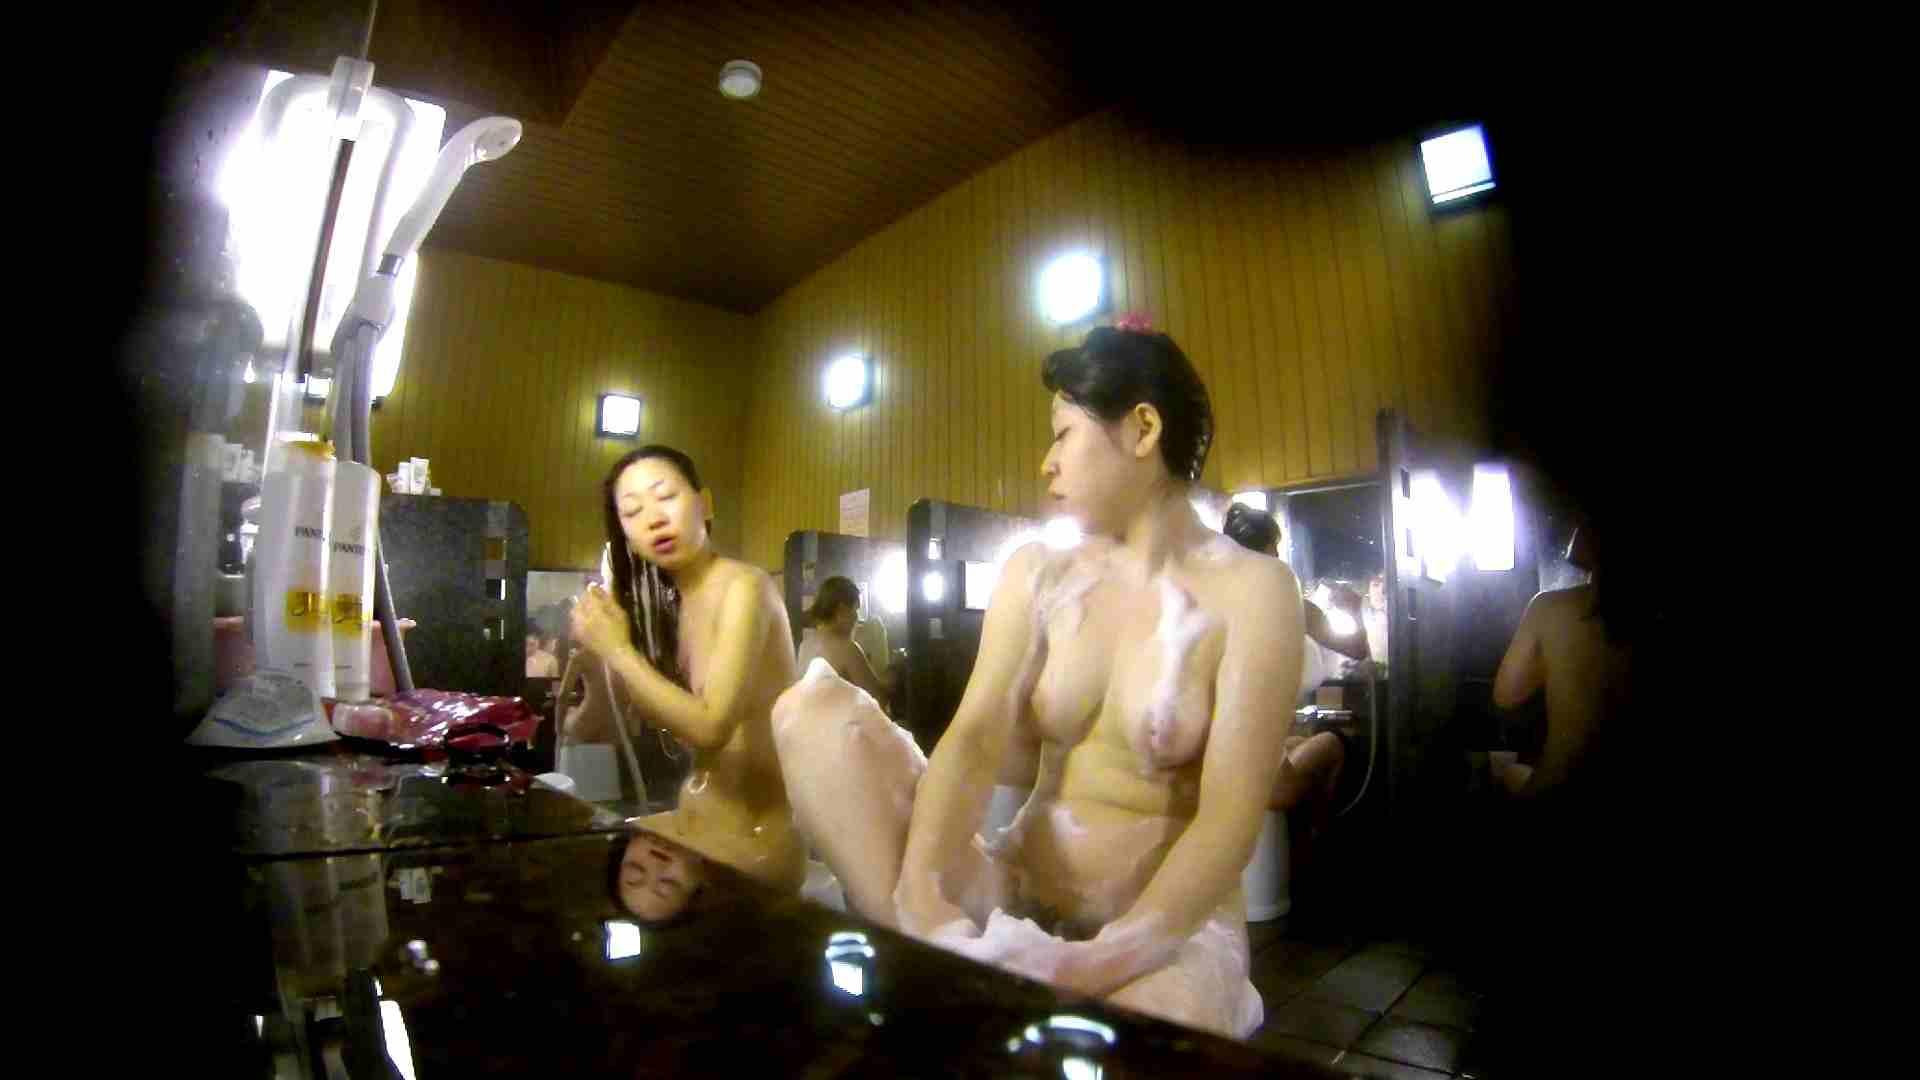 洗い場!柔らかそうな身体は良いけど、歯磨きが下品です。 銭湯着替え AV無料動画キャプチャ 107画像 89